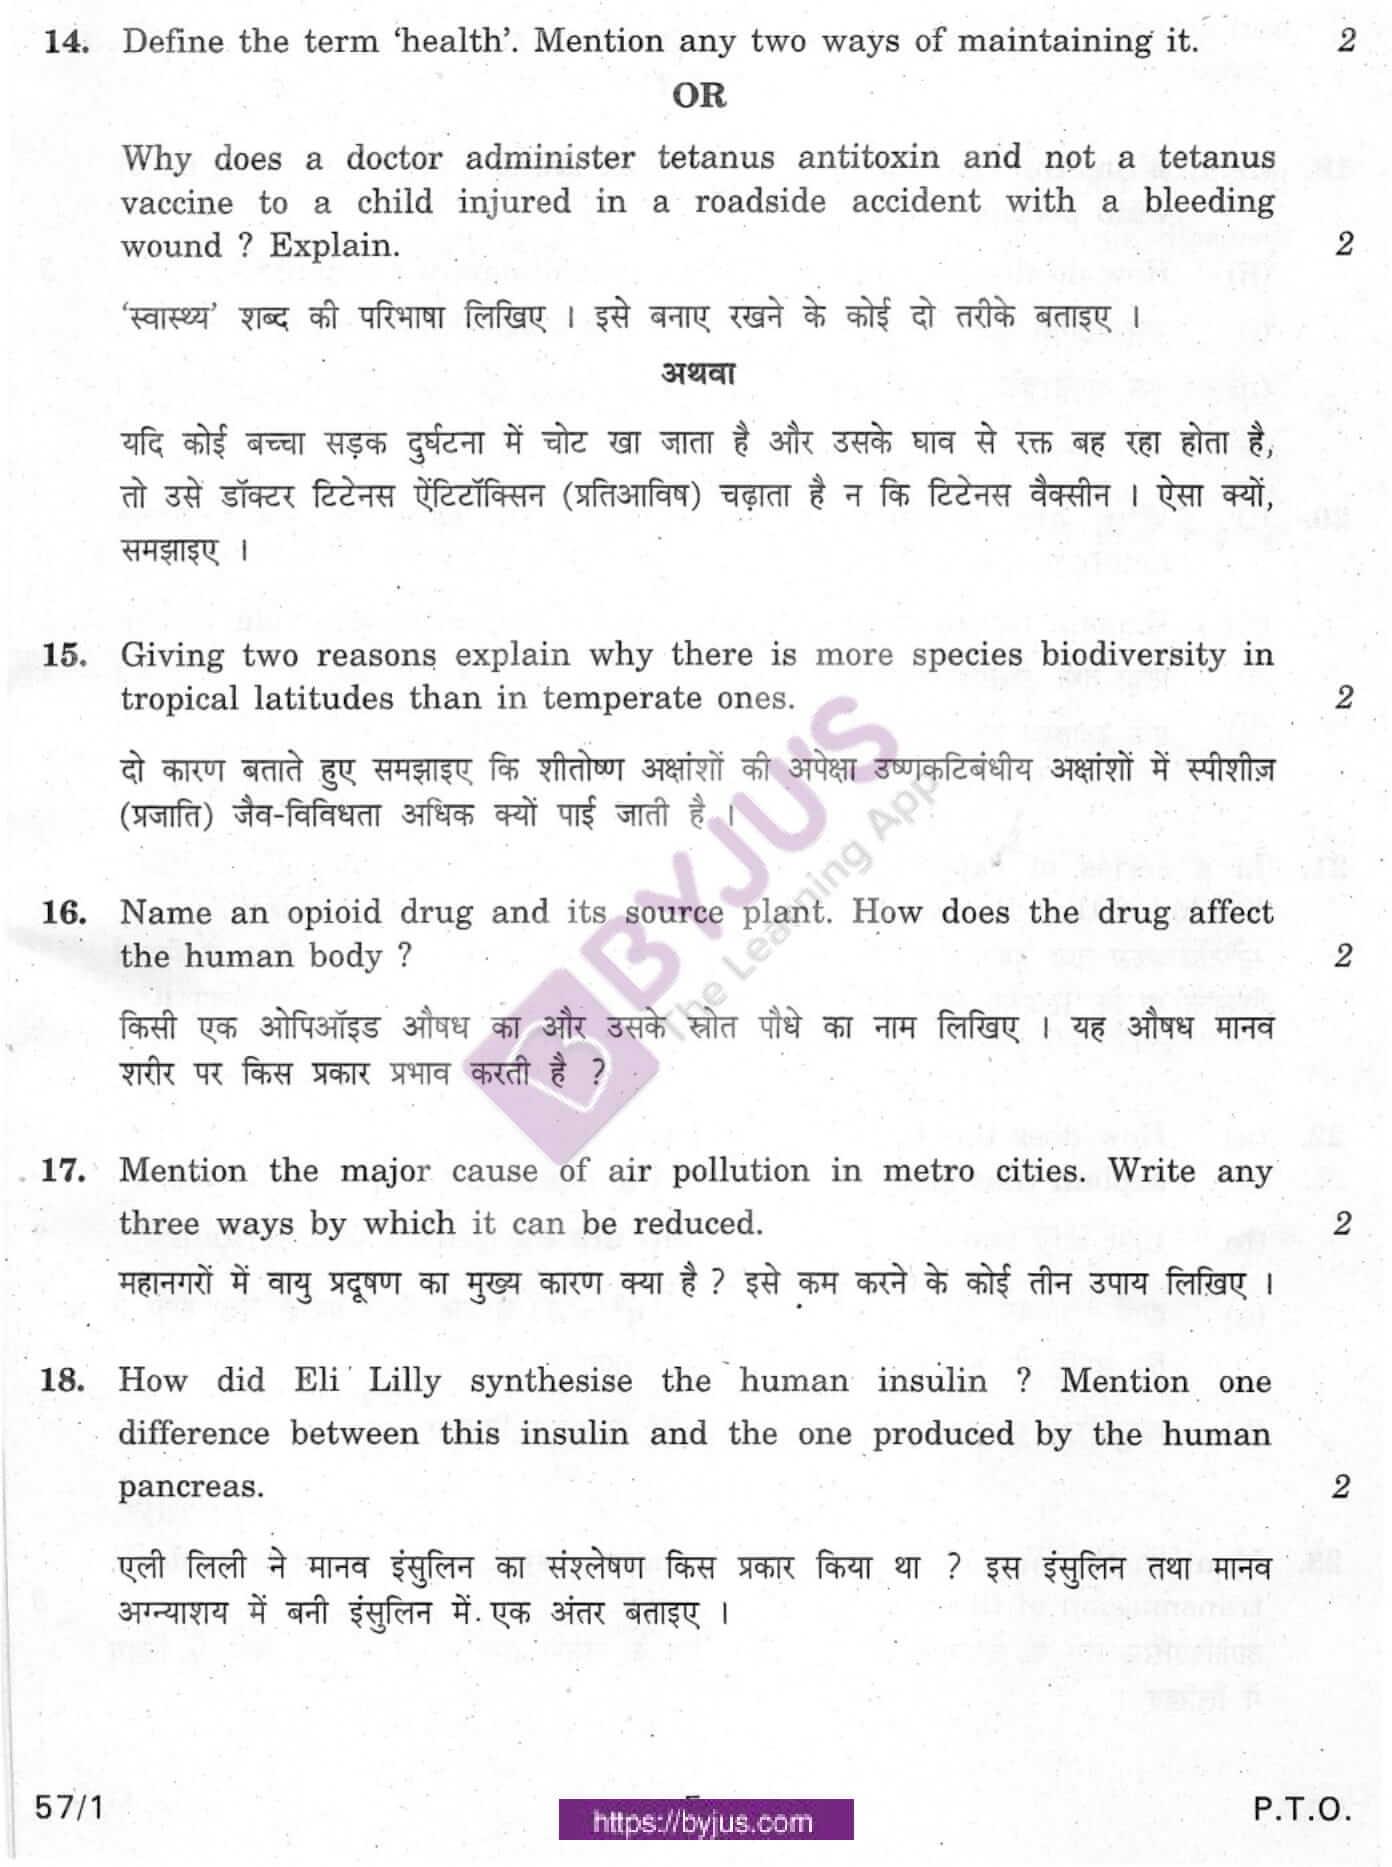 cbse class 12 biology question paper 2010 set 1